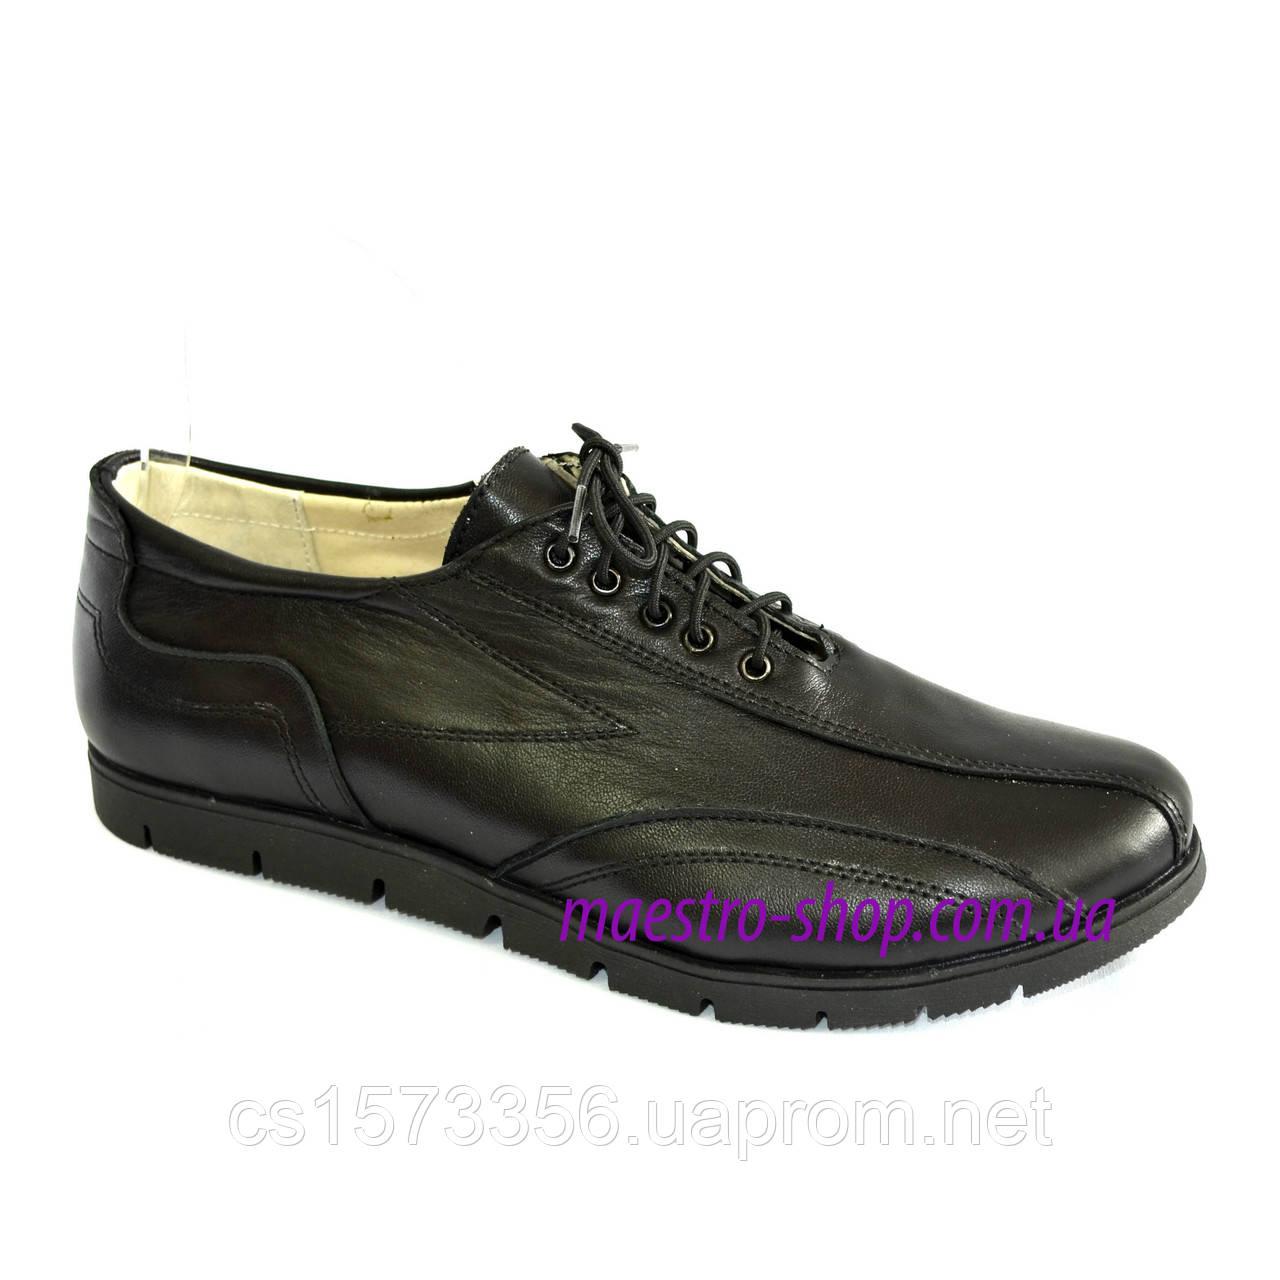 46c6a7f698d0 Кроссовки женские кожаные на шнуровке - Stivale - производство кожаной  женской, мужской и подростковой обуви